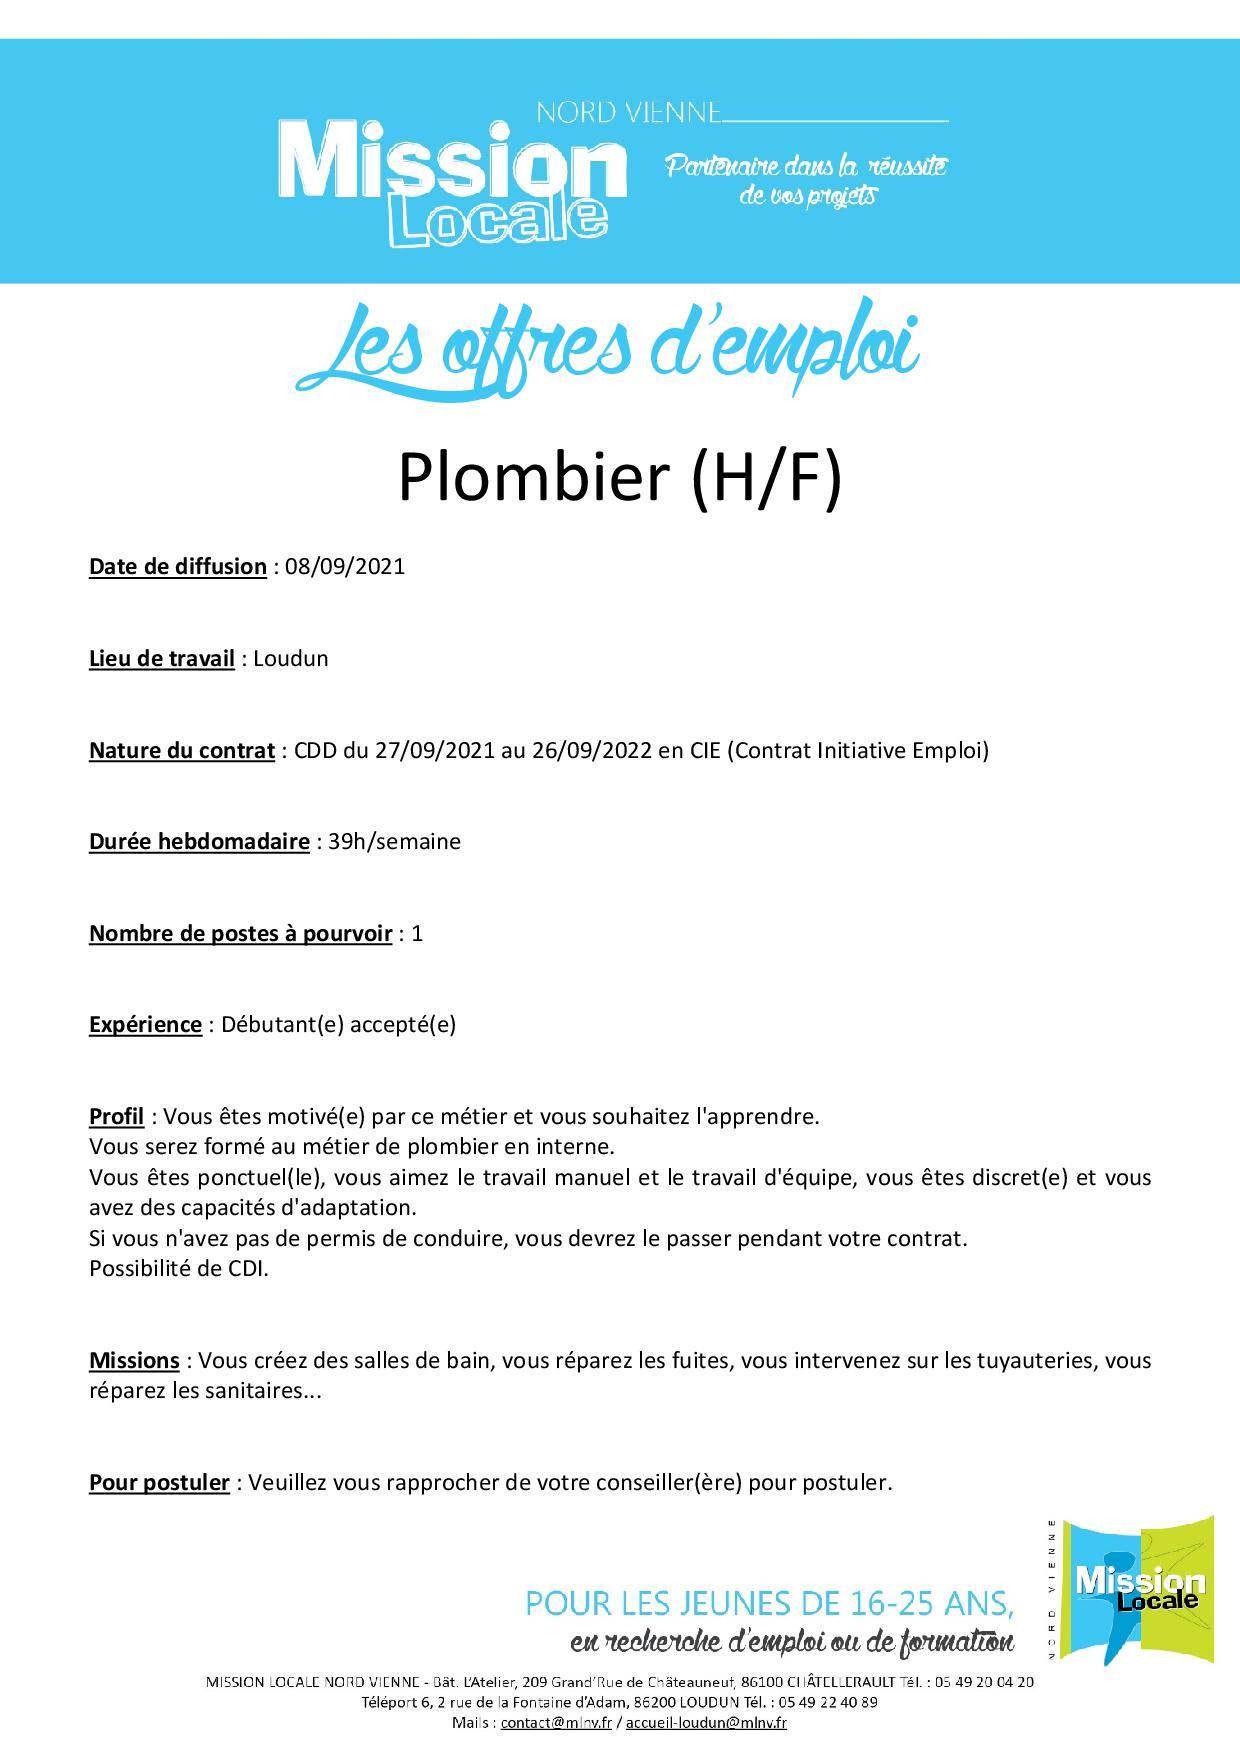 Plombier (H/F)